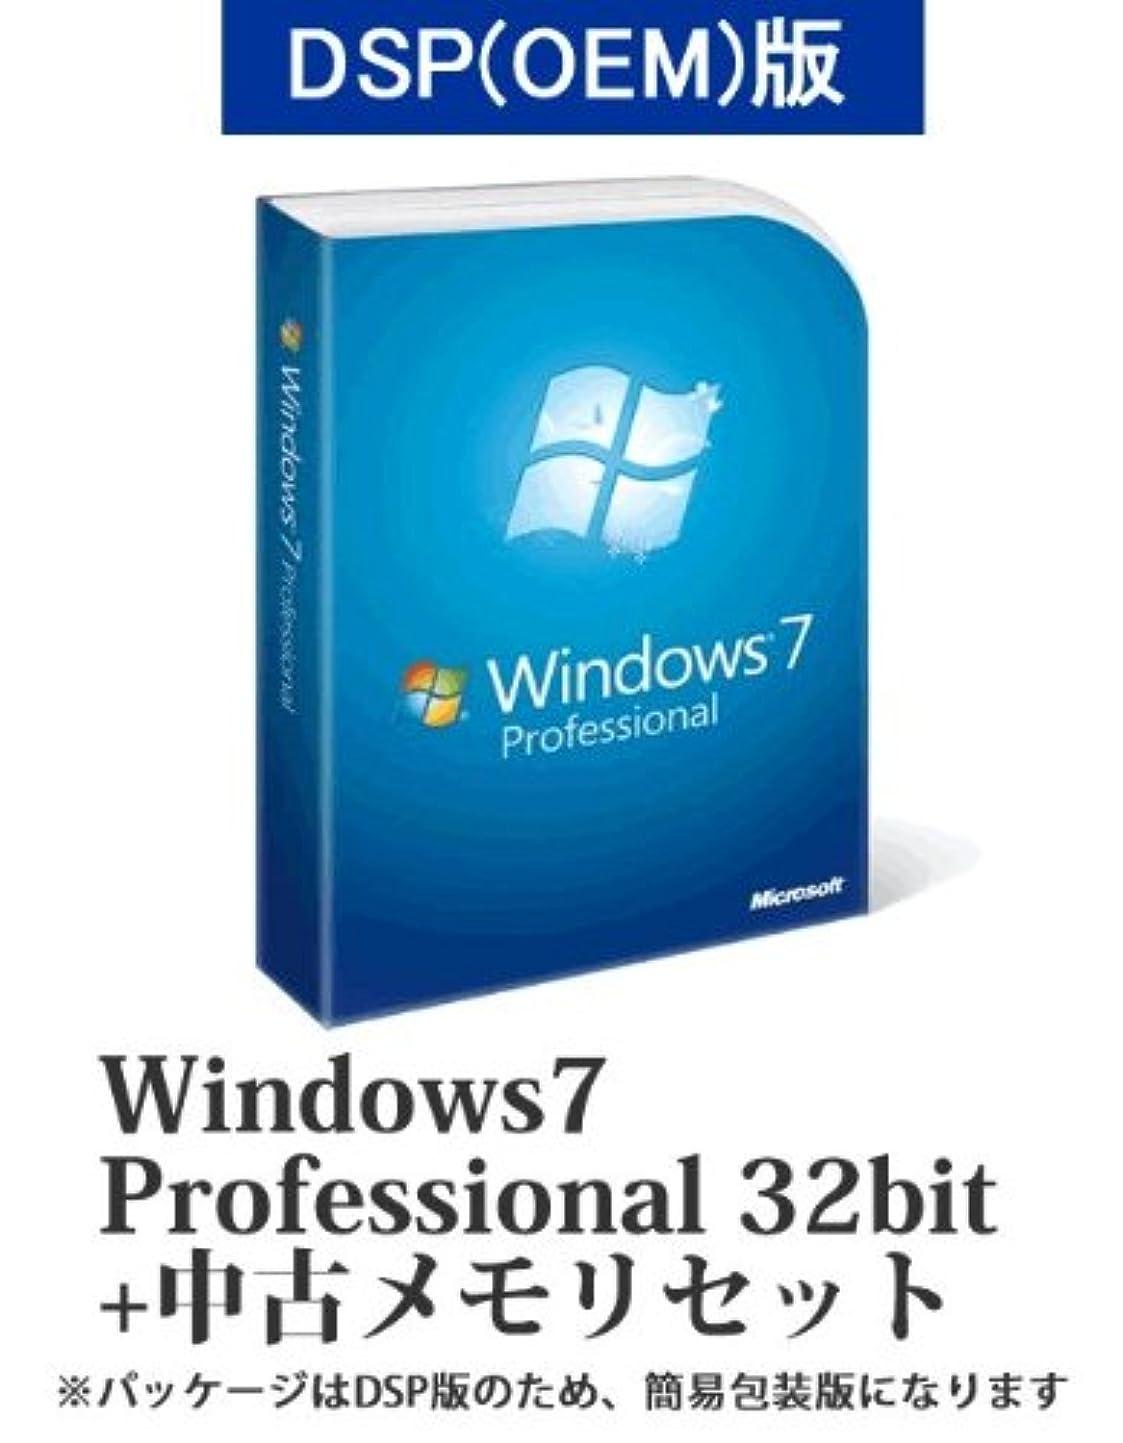 ポット太平洋諸島気分が良いWindows7 Professional 32bit DVD DSP(OEM)版+中古メモリセット